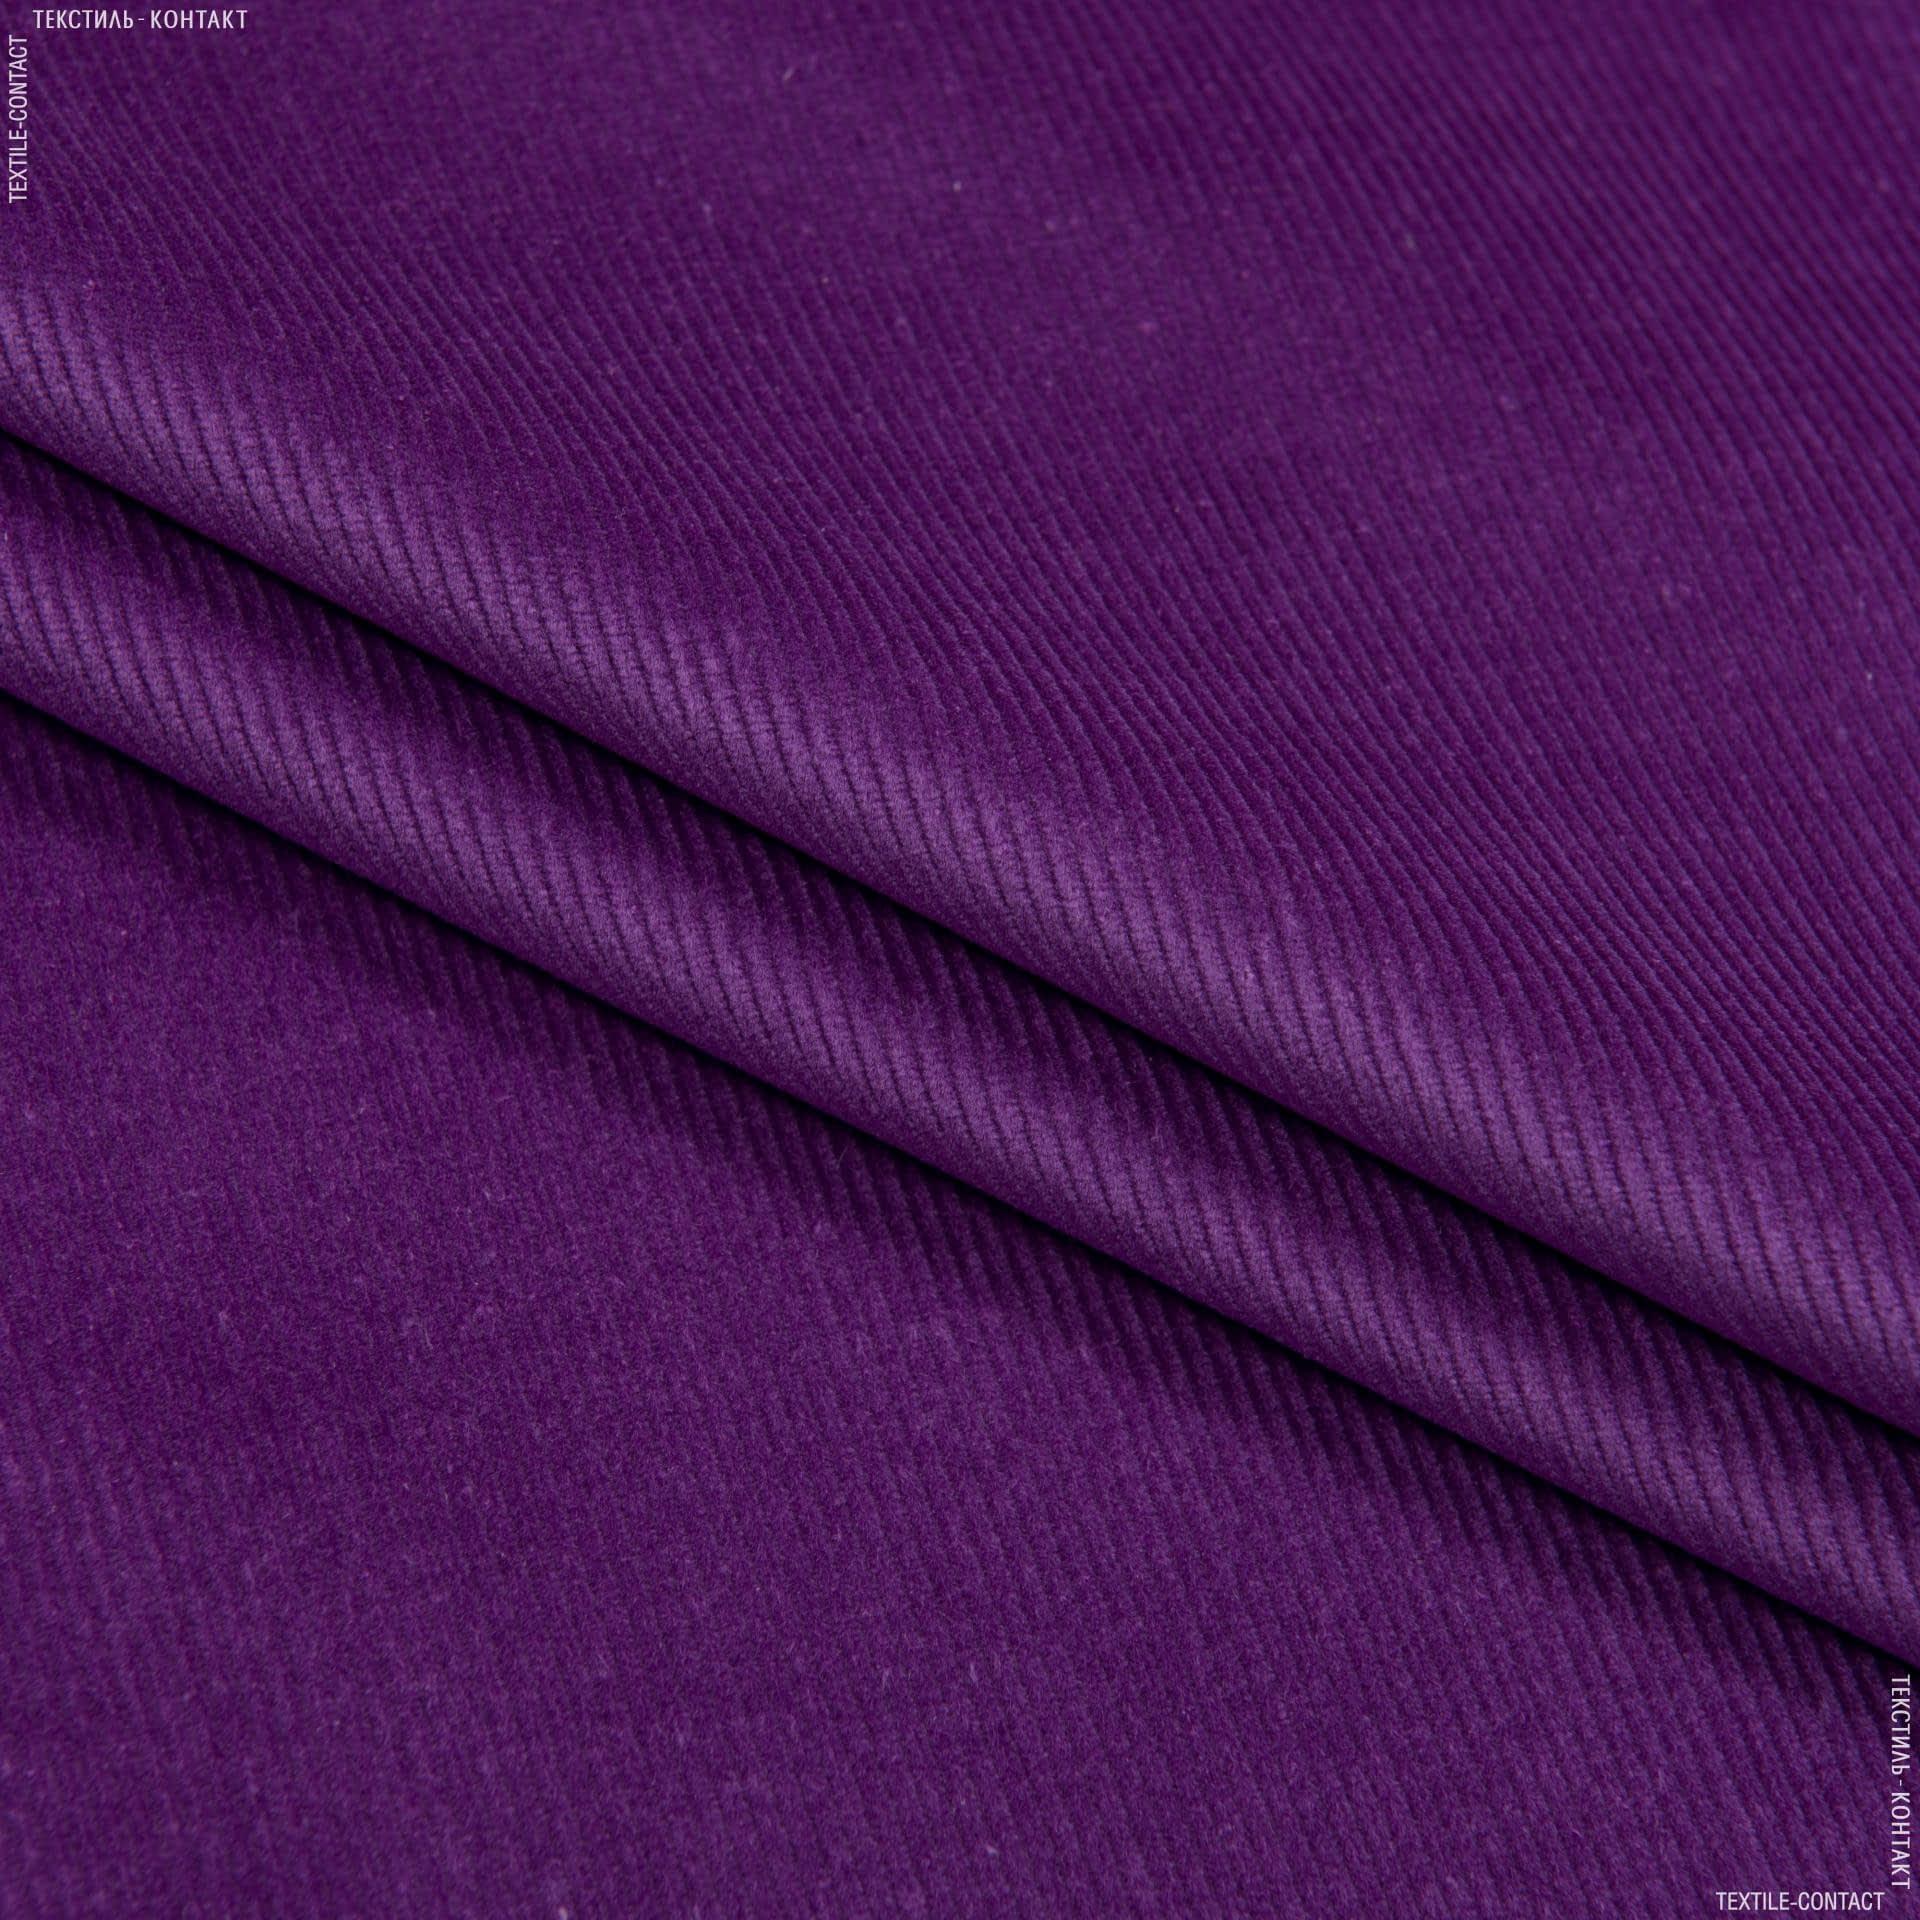 Ткани для верхней одежды - Вельвет классик светло-фиолетовый